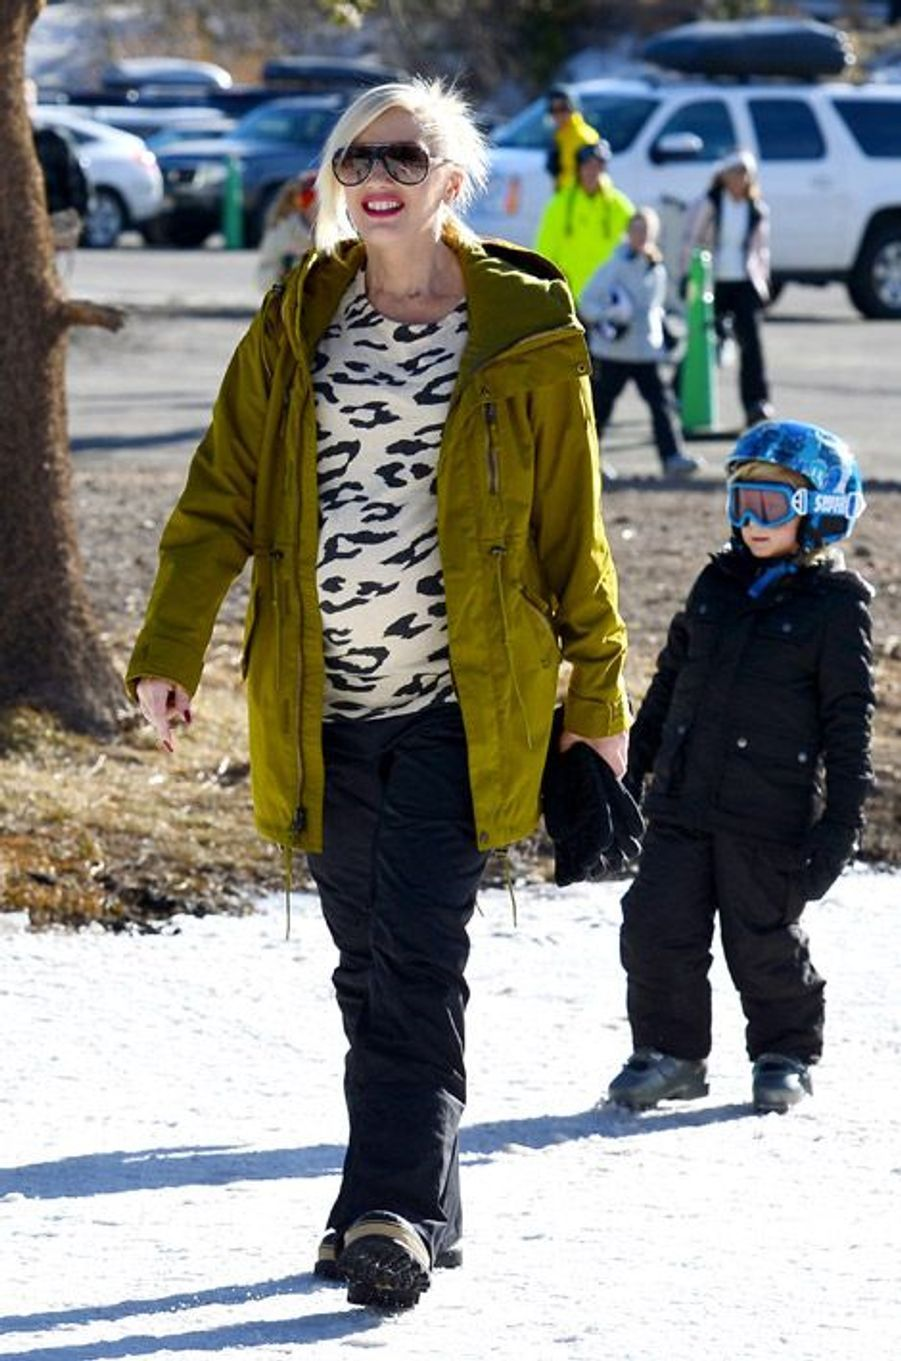 La chanteuse Gwen Stefani en vacances au ski aux Etats-Unis, le 1er janvier 2014